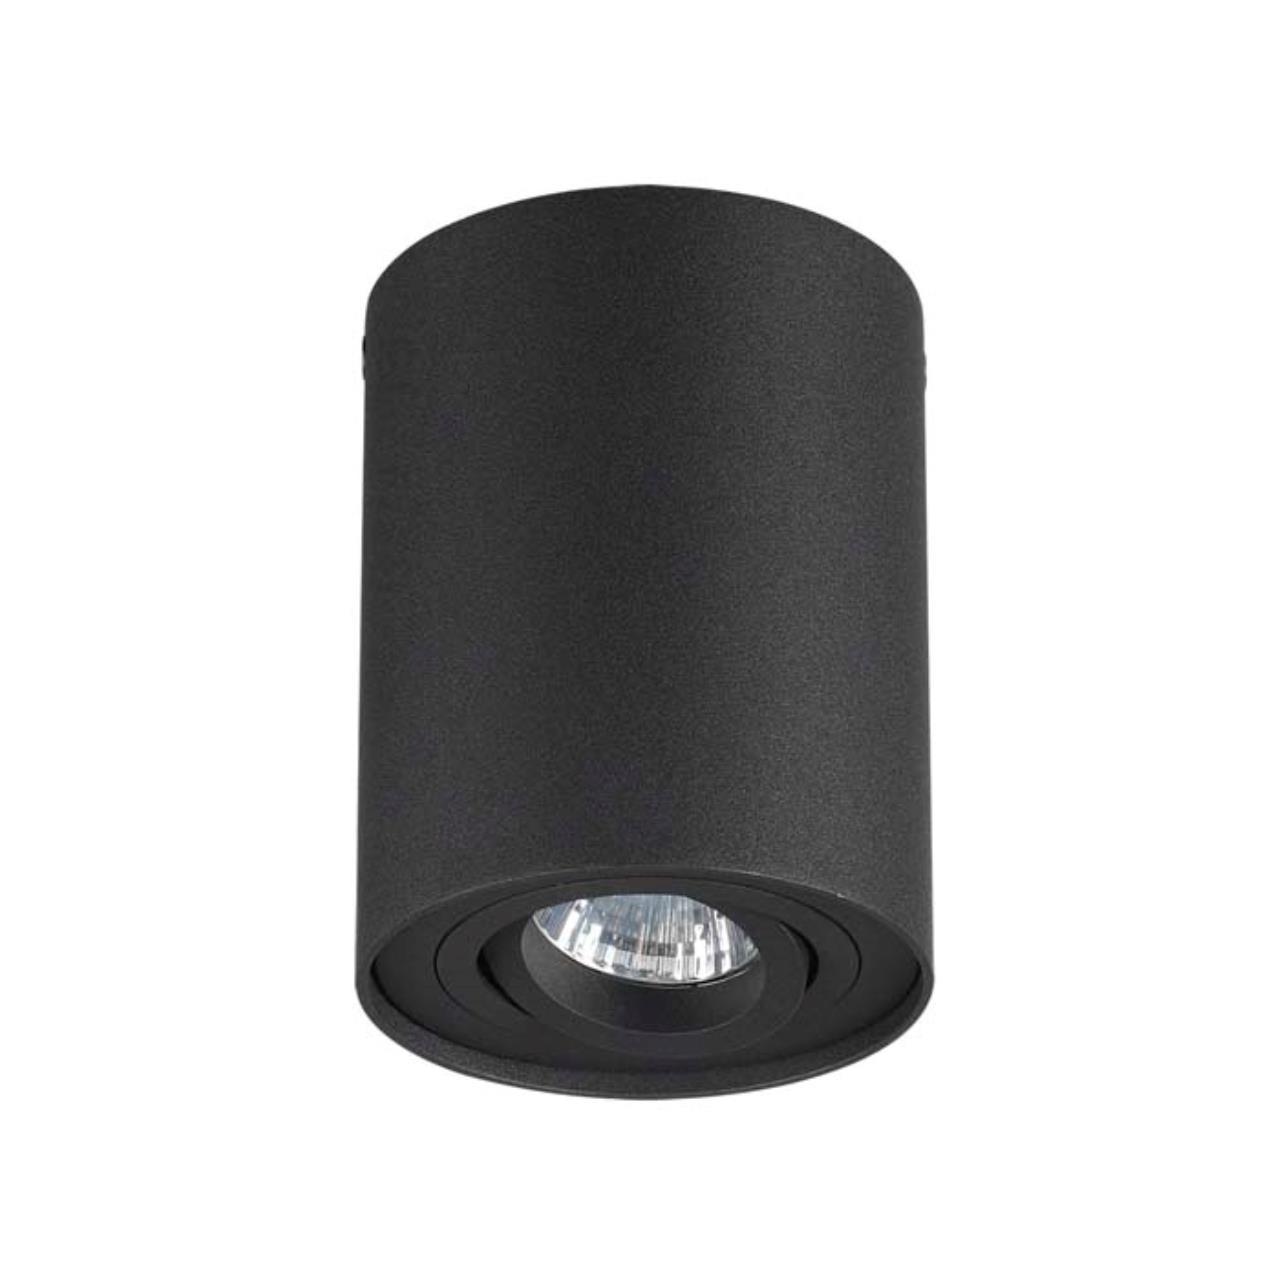 3565/1C HIGHTECH ODL18 185 черный Потолочный накладной светильник IP20 GU10 1*50W 220V PILLARON